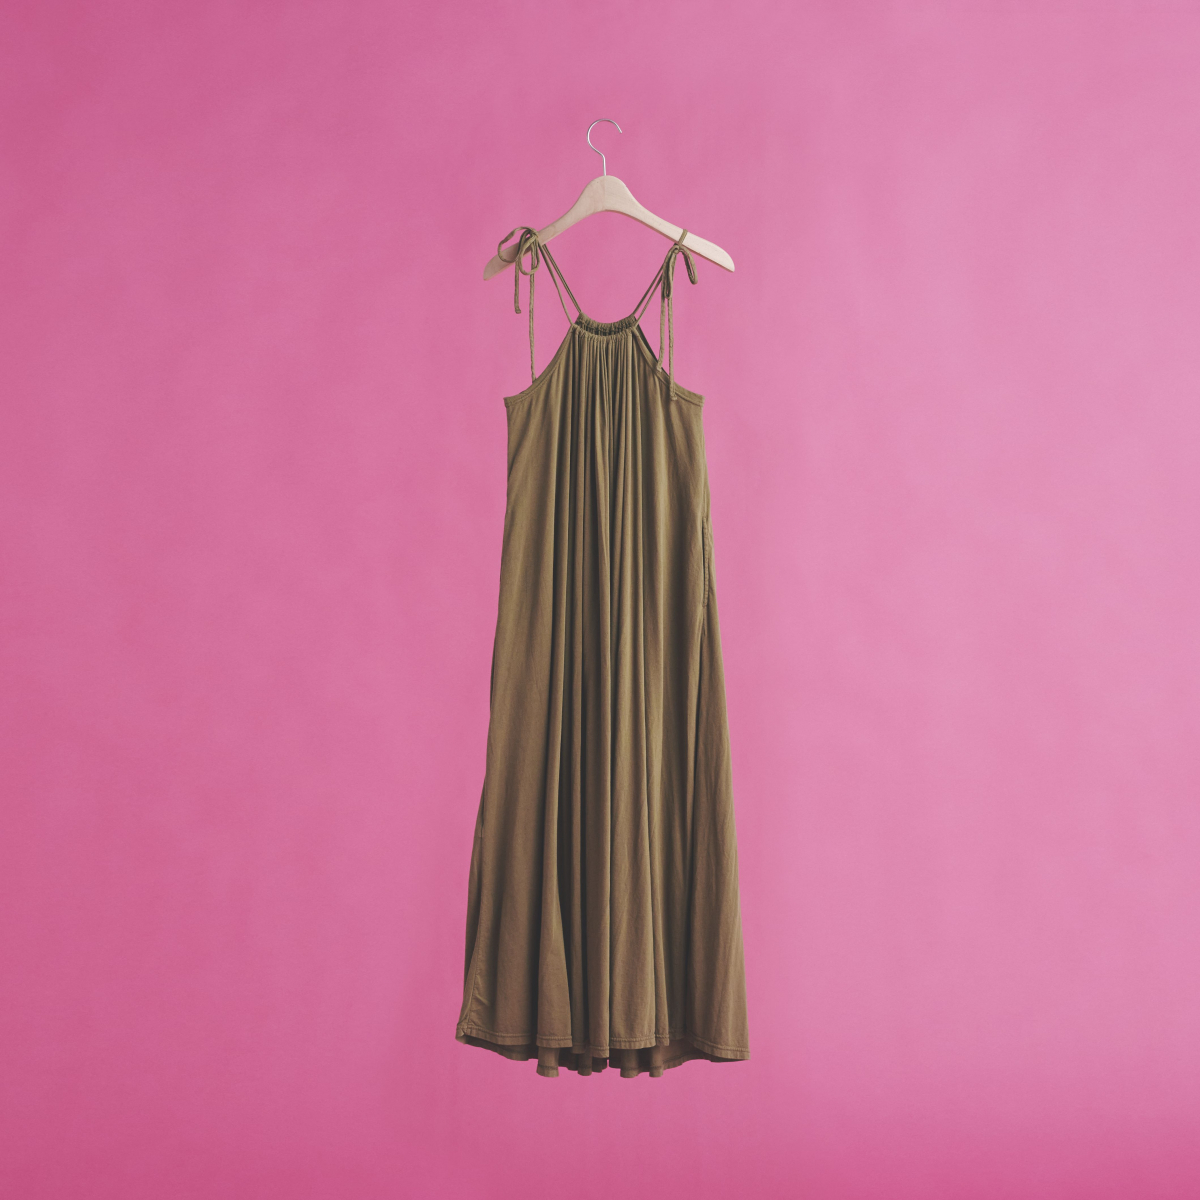 【アール ジュビリー】しなやかに馴染むとっておきのドレス